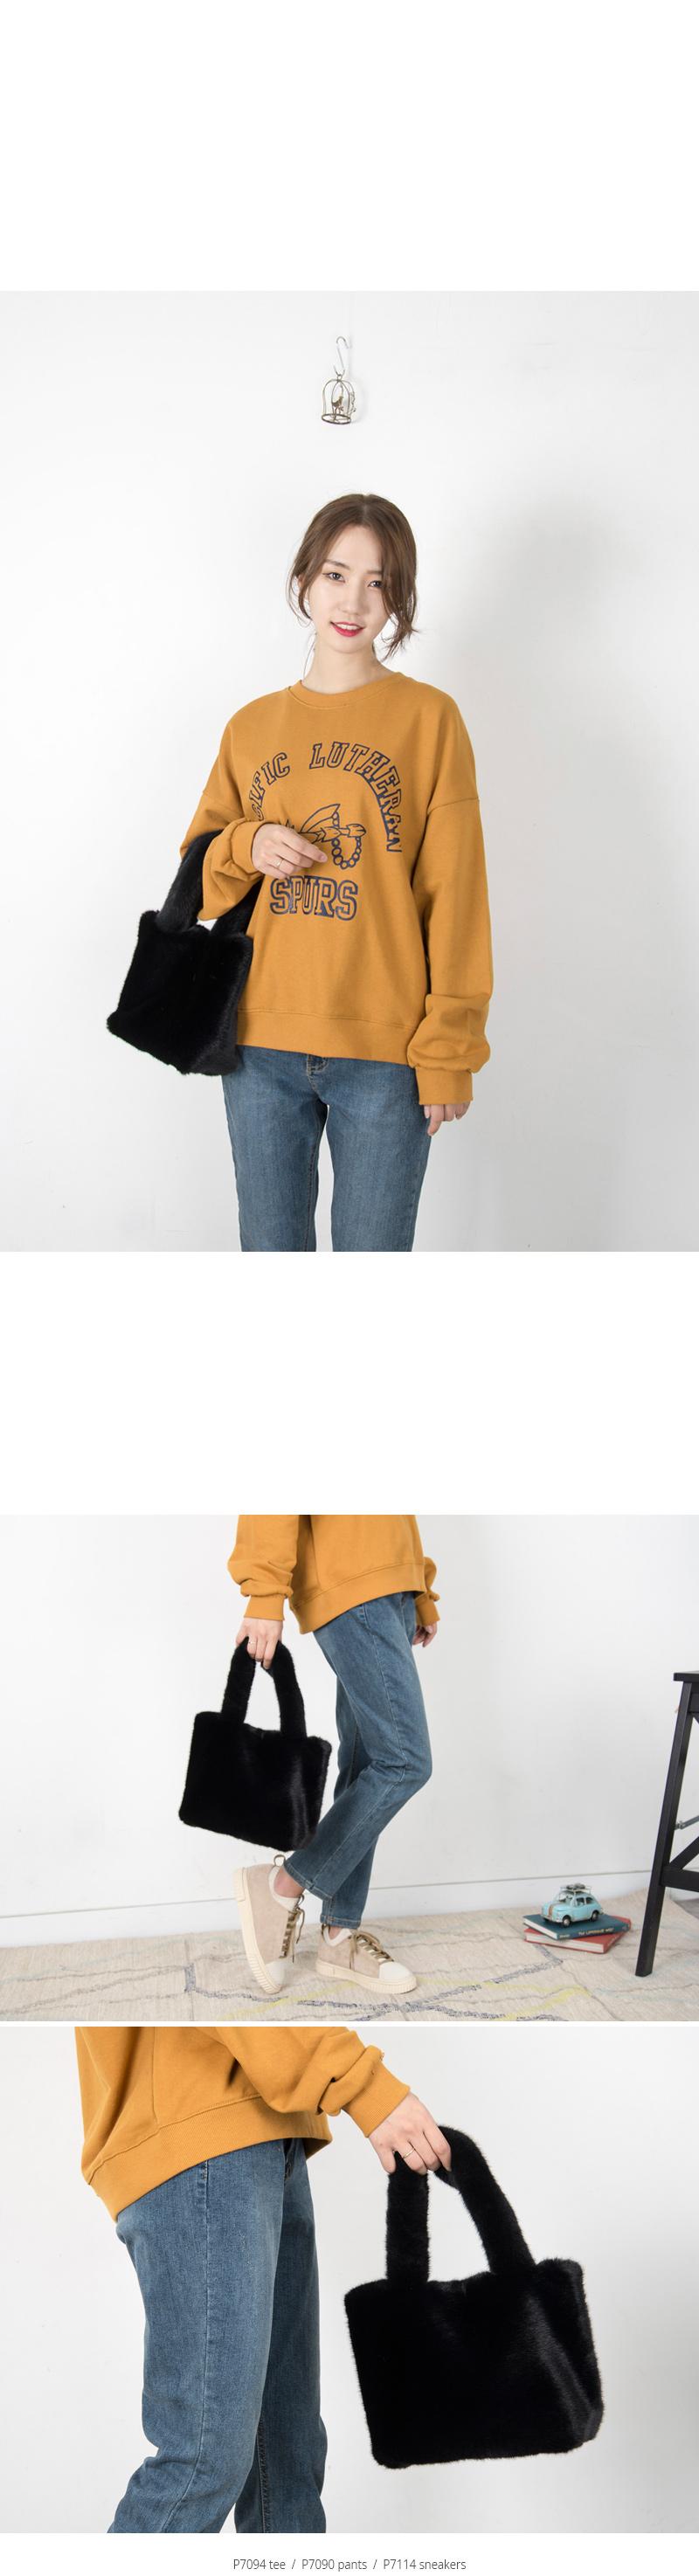 보송퍼 컬러 토트백(7color) - 쿠키세븐, 27,840원, 토트백, 인조가죽토트백